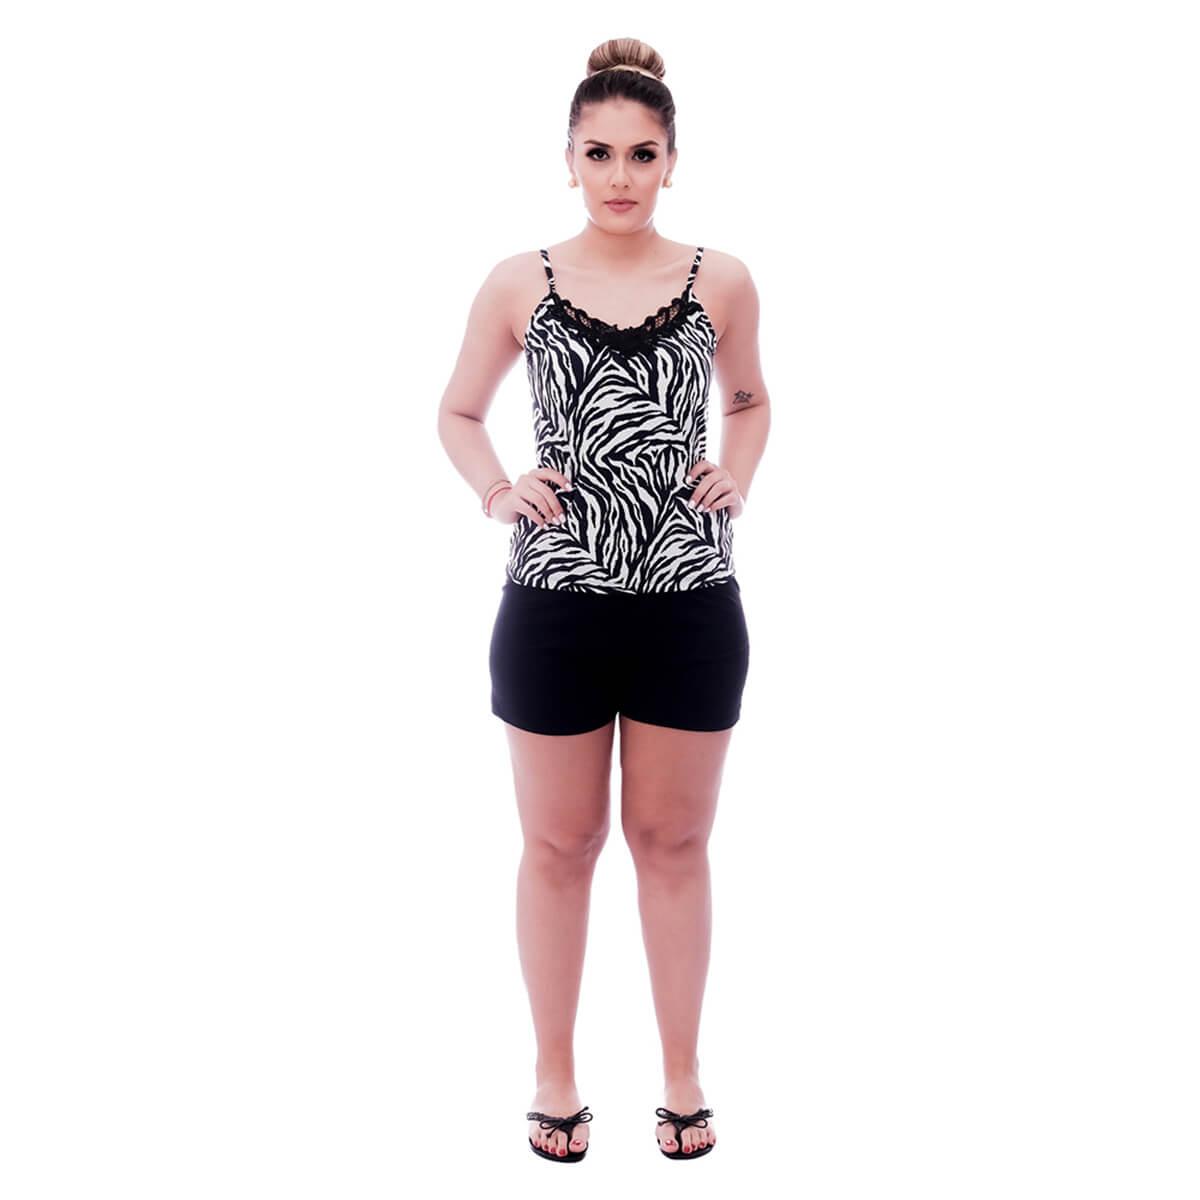 Short Doll de Blusa Alça Fina Estampa Animal Print de Zebra com Renda Guipir Preta no Decote e Short Preto